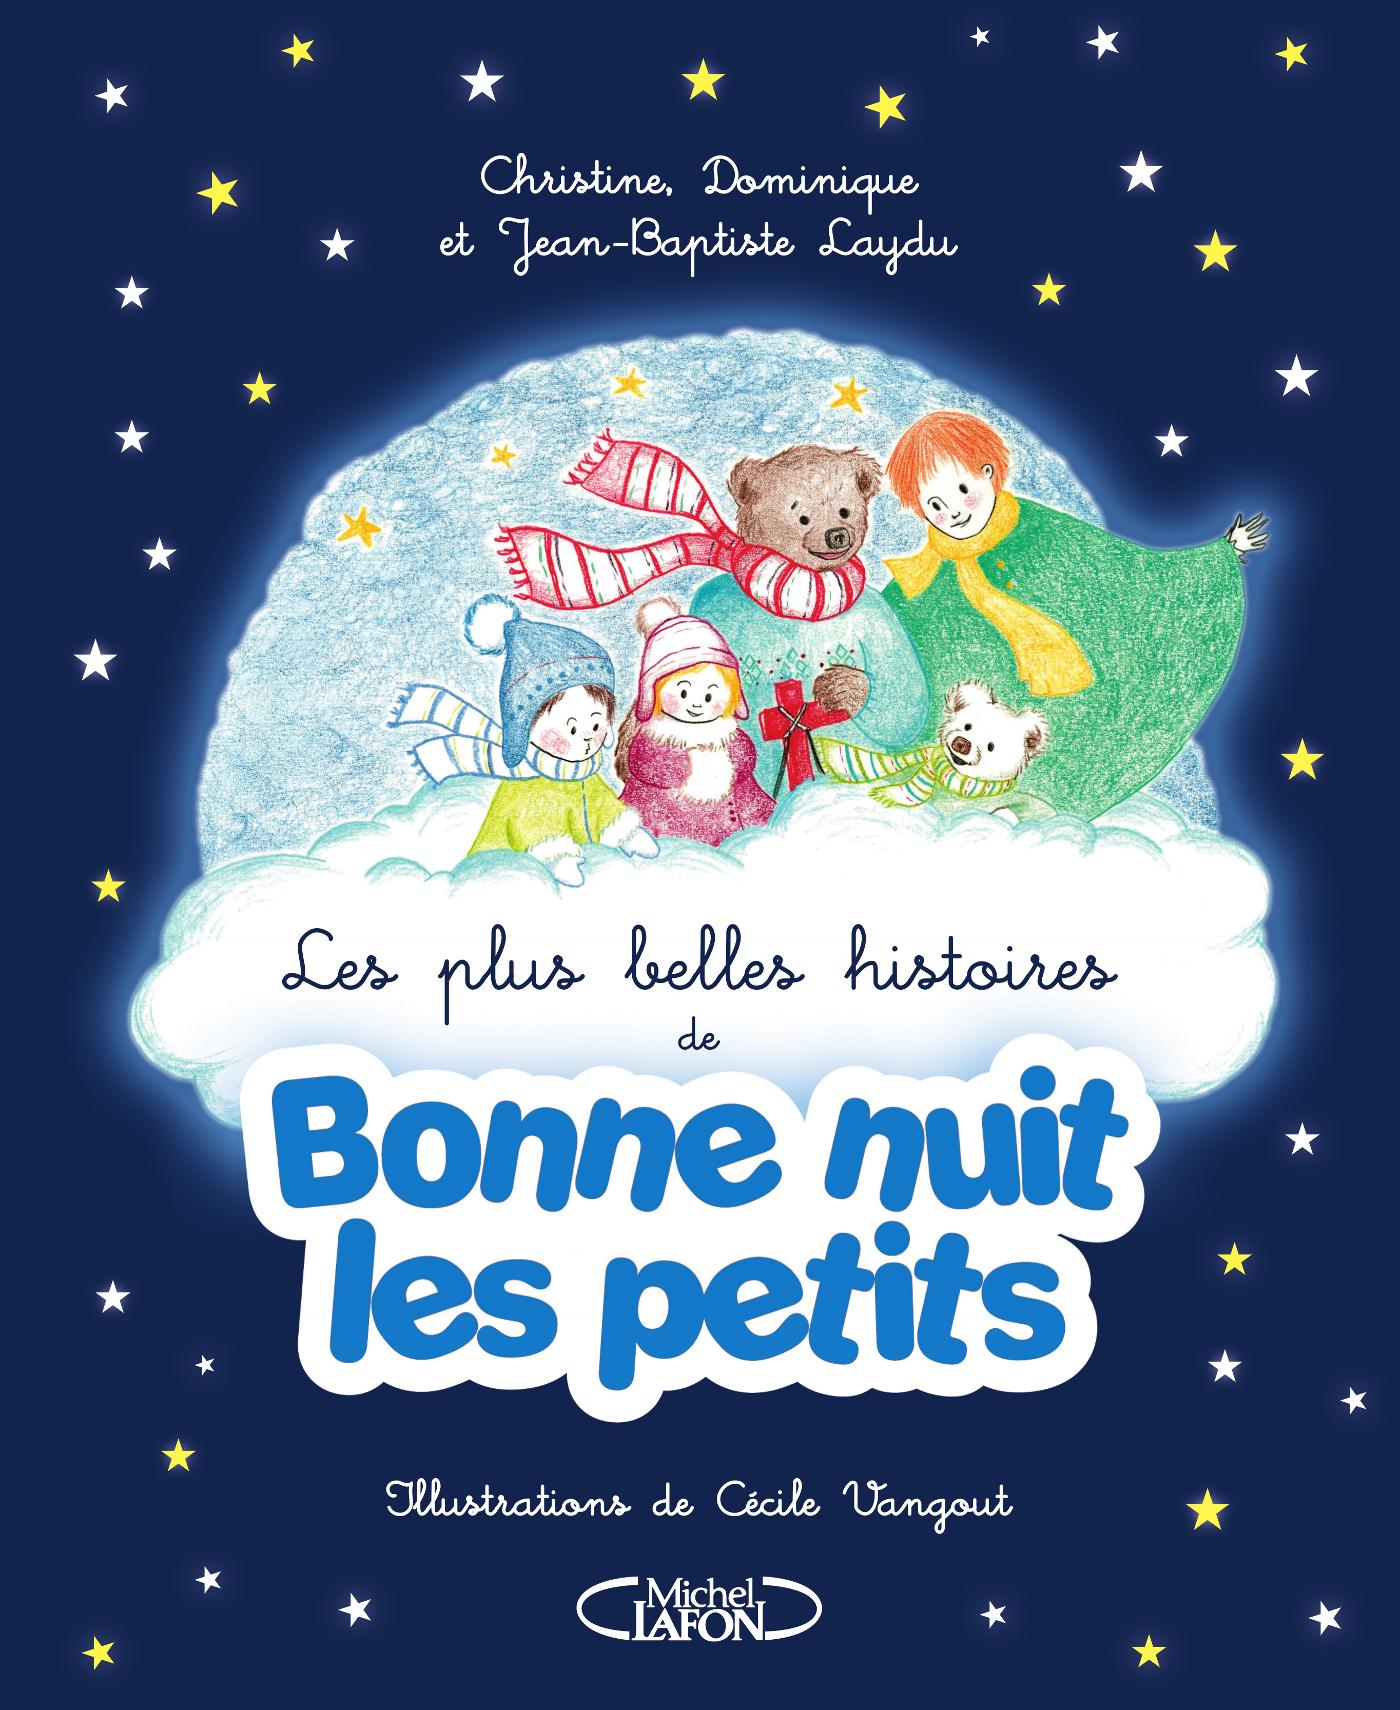 Les plus belles histoires de Bonne nuit les petits